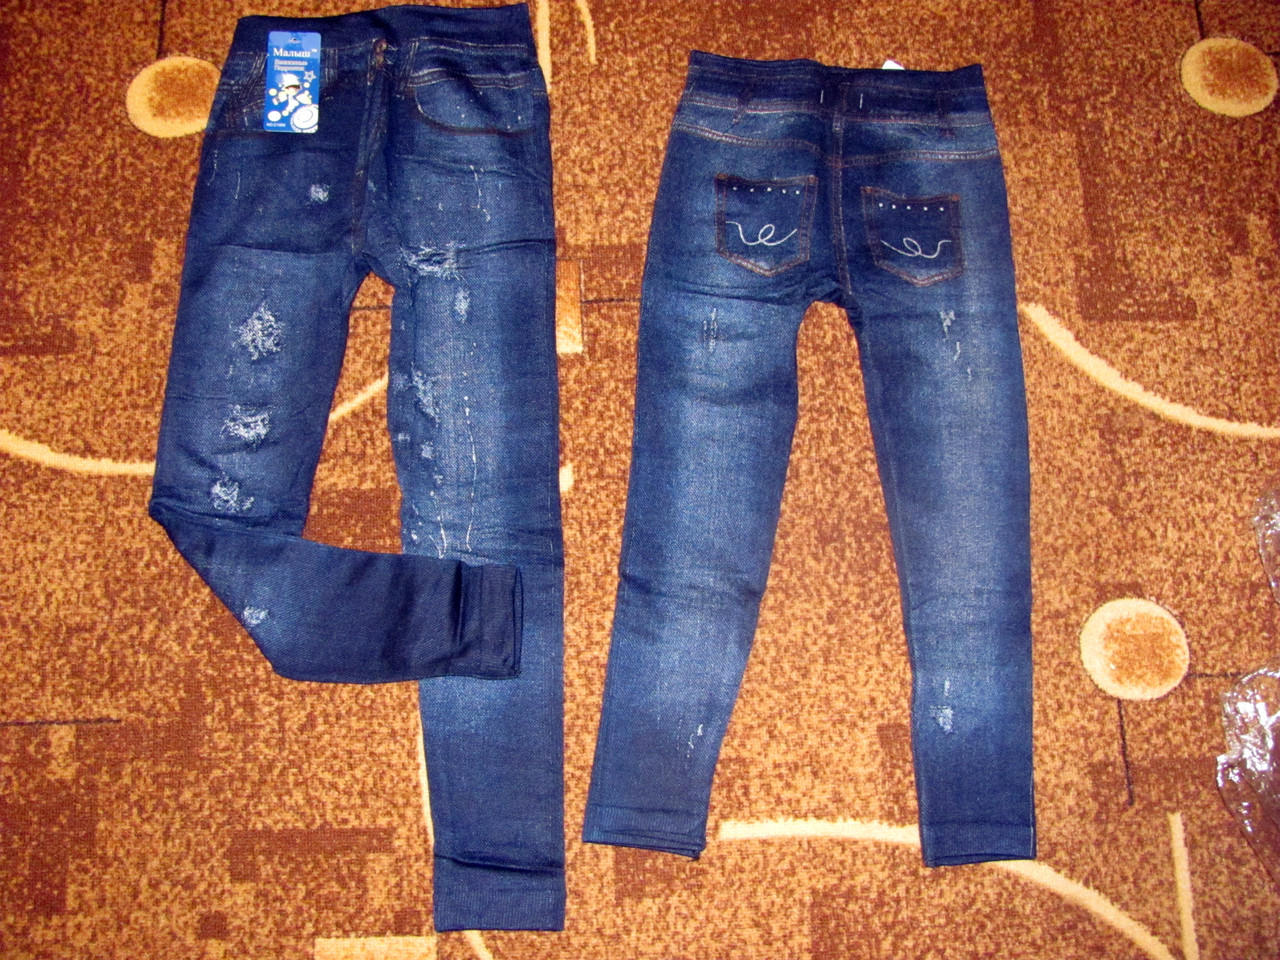 Детские лосины под джинс МАХРА размер L (4-5 лет)